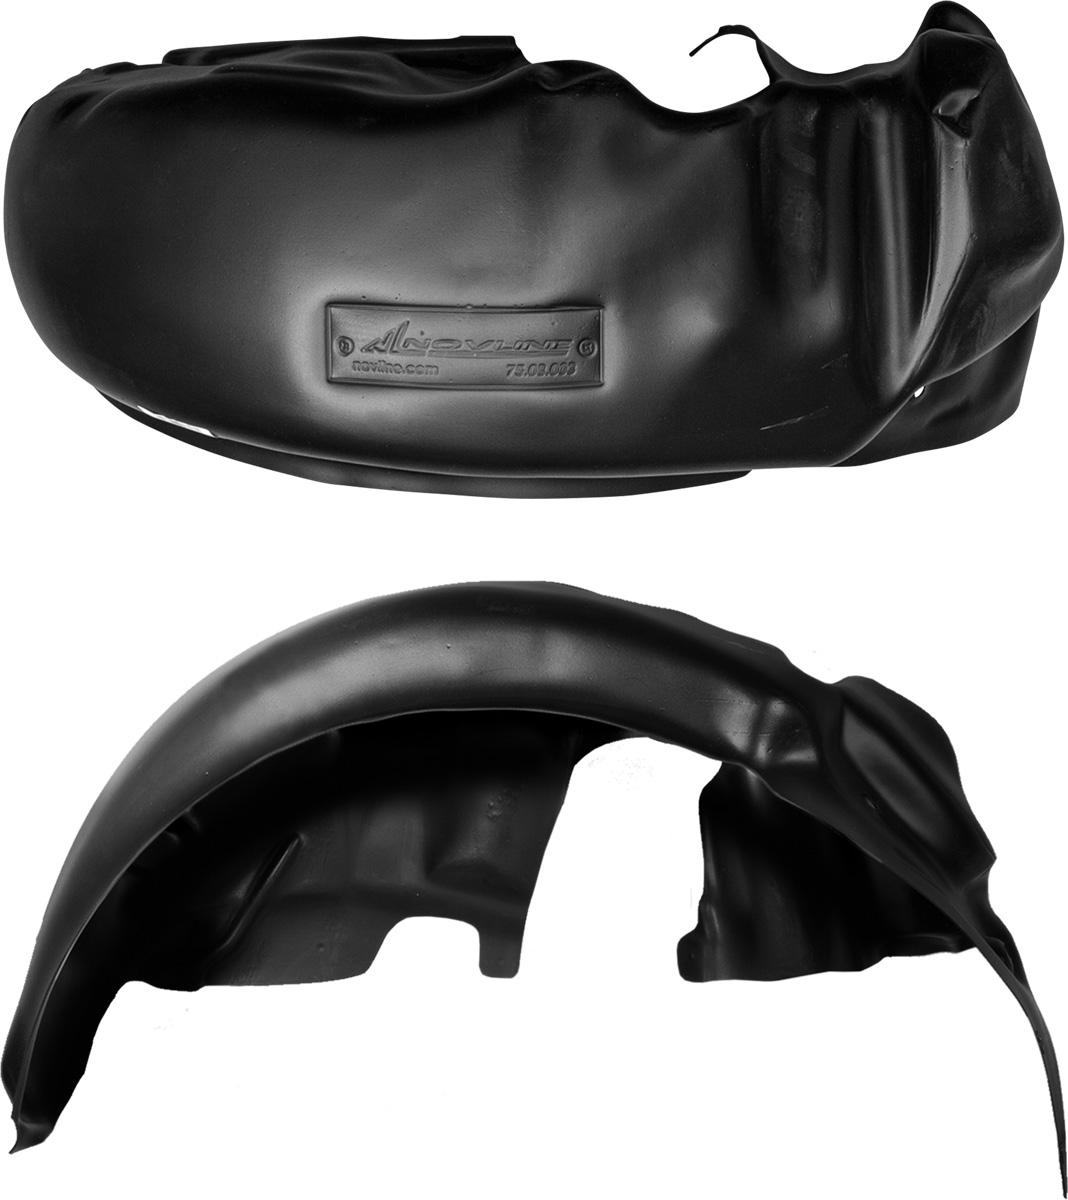 Подкрылок LIFAN X-60, 2012->, задний левыйNLL.73.04.003Колесные ниши – одни из самых уязвимых зон днища вашего автомобиля. Они постоянно подвергаются воздействию со стороны дороги. Лучшая, почти абсолютная защита для них - специально отформованные пластиковые кожухи, которые называются подкрылками, или локерами. Производятся они как для отечественных моделей автомобилей, так и для иномарок. Подкрылки выполнены из высококачественного, экологически чистого пластика. Обеспечивают надежную защиту кузова автомобиля от пескоструйного эффекта и негативного влияния, агрессивных антигололедных реагентов. Пластик обладает более низкой теплопроводностью, чем металл, поэтому в зимний период эксплуатации использование пластиковых подкрылков позволяет лучше защитить колесные ниши от налипания снега и образования наледи. Оригинальность конструкции подчеркивает элегантность автомобиля, бережно защищает нанесенное на днище кузова антикоррозийное покрытие и позволяет осуществить крепление подкрылков внутри колесной арки практически без дополнительного крепежа и сверления, не нарушая при этом лакокрасочного покрытия, что предотвращает возникновение новых очагов коррозии. Технология крепления подкрылков на иномарки принципиально отличается от крепления на российские автомобили и разрабатывается индивидуально для каждой модели автомобиля. Подкрылки долговечны, обладают высокой прочностью и сохраняют заданную форму, а также все свои физико-механические характеристики в самых тяжелых климатических условиях ( от -50° С до + 50° С).